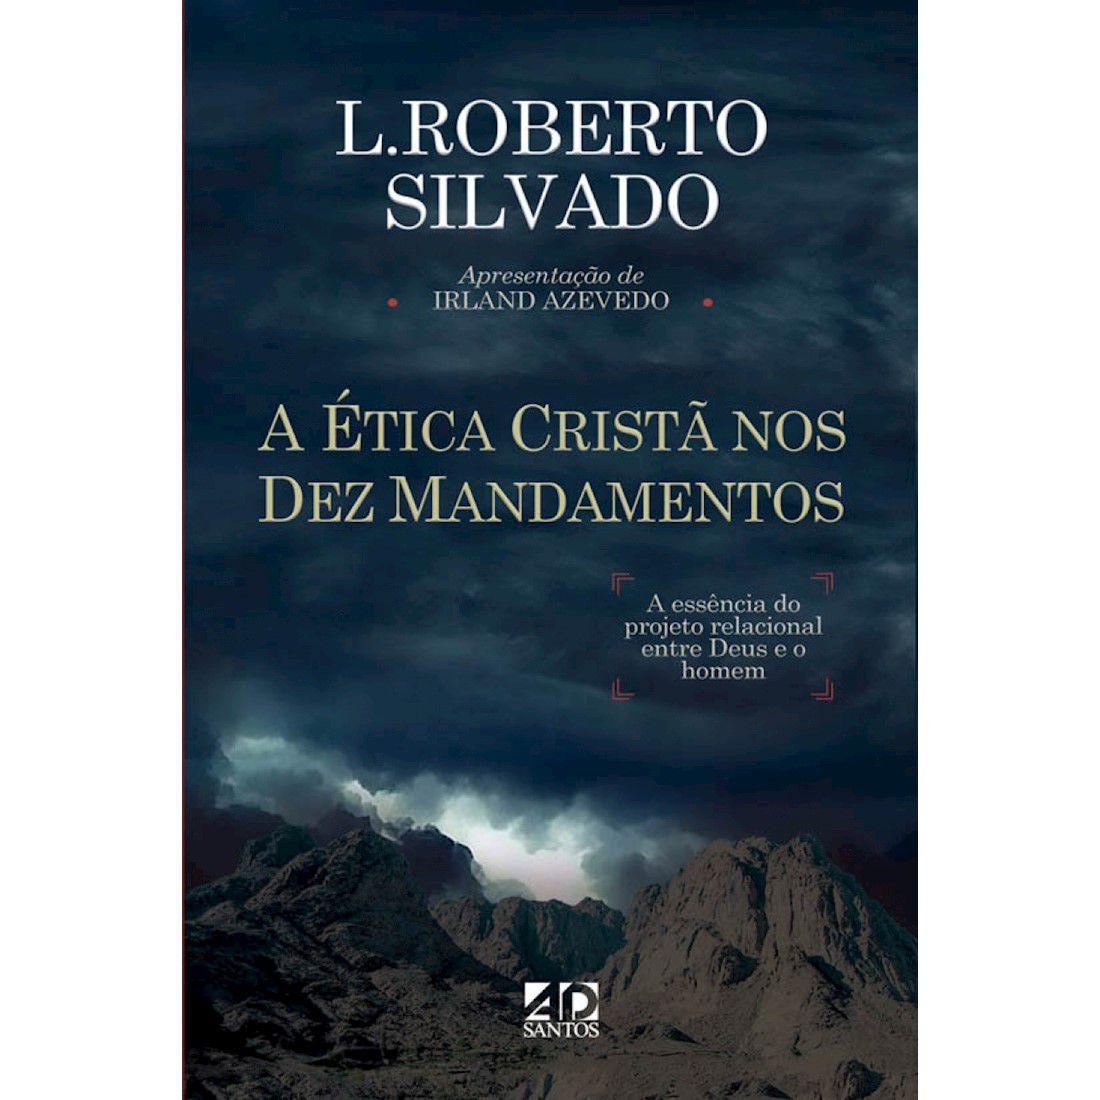 Livro A Ética Cristã nos Dez Mandamentos